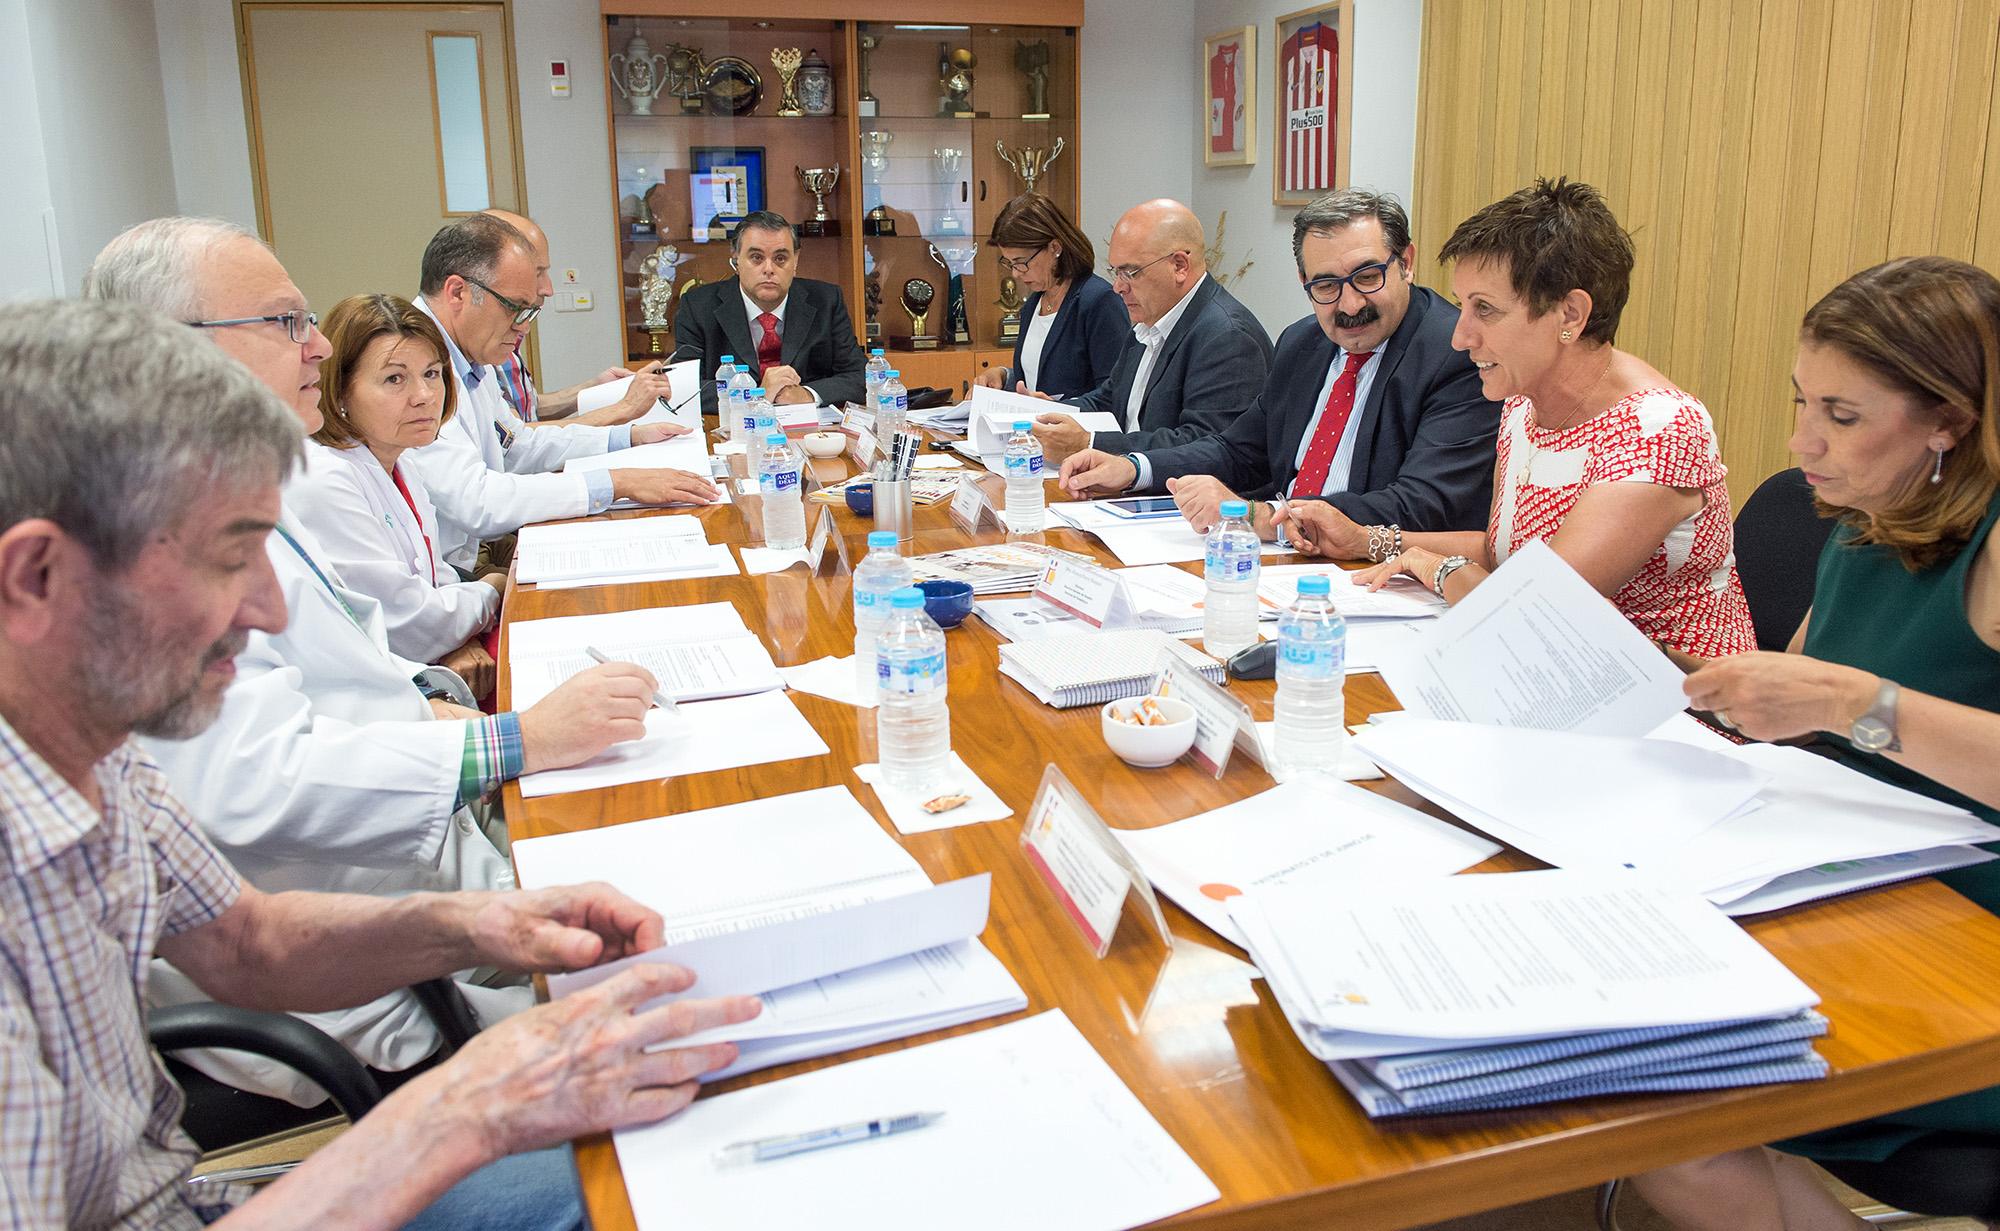 Reunión del Patronato de la Fundación del Hospital Nacional de Parapléjicos (Foto: Carlos Monroy)